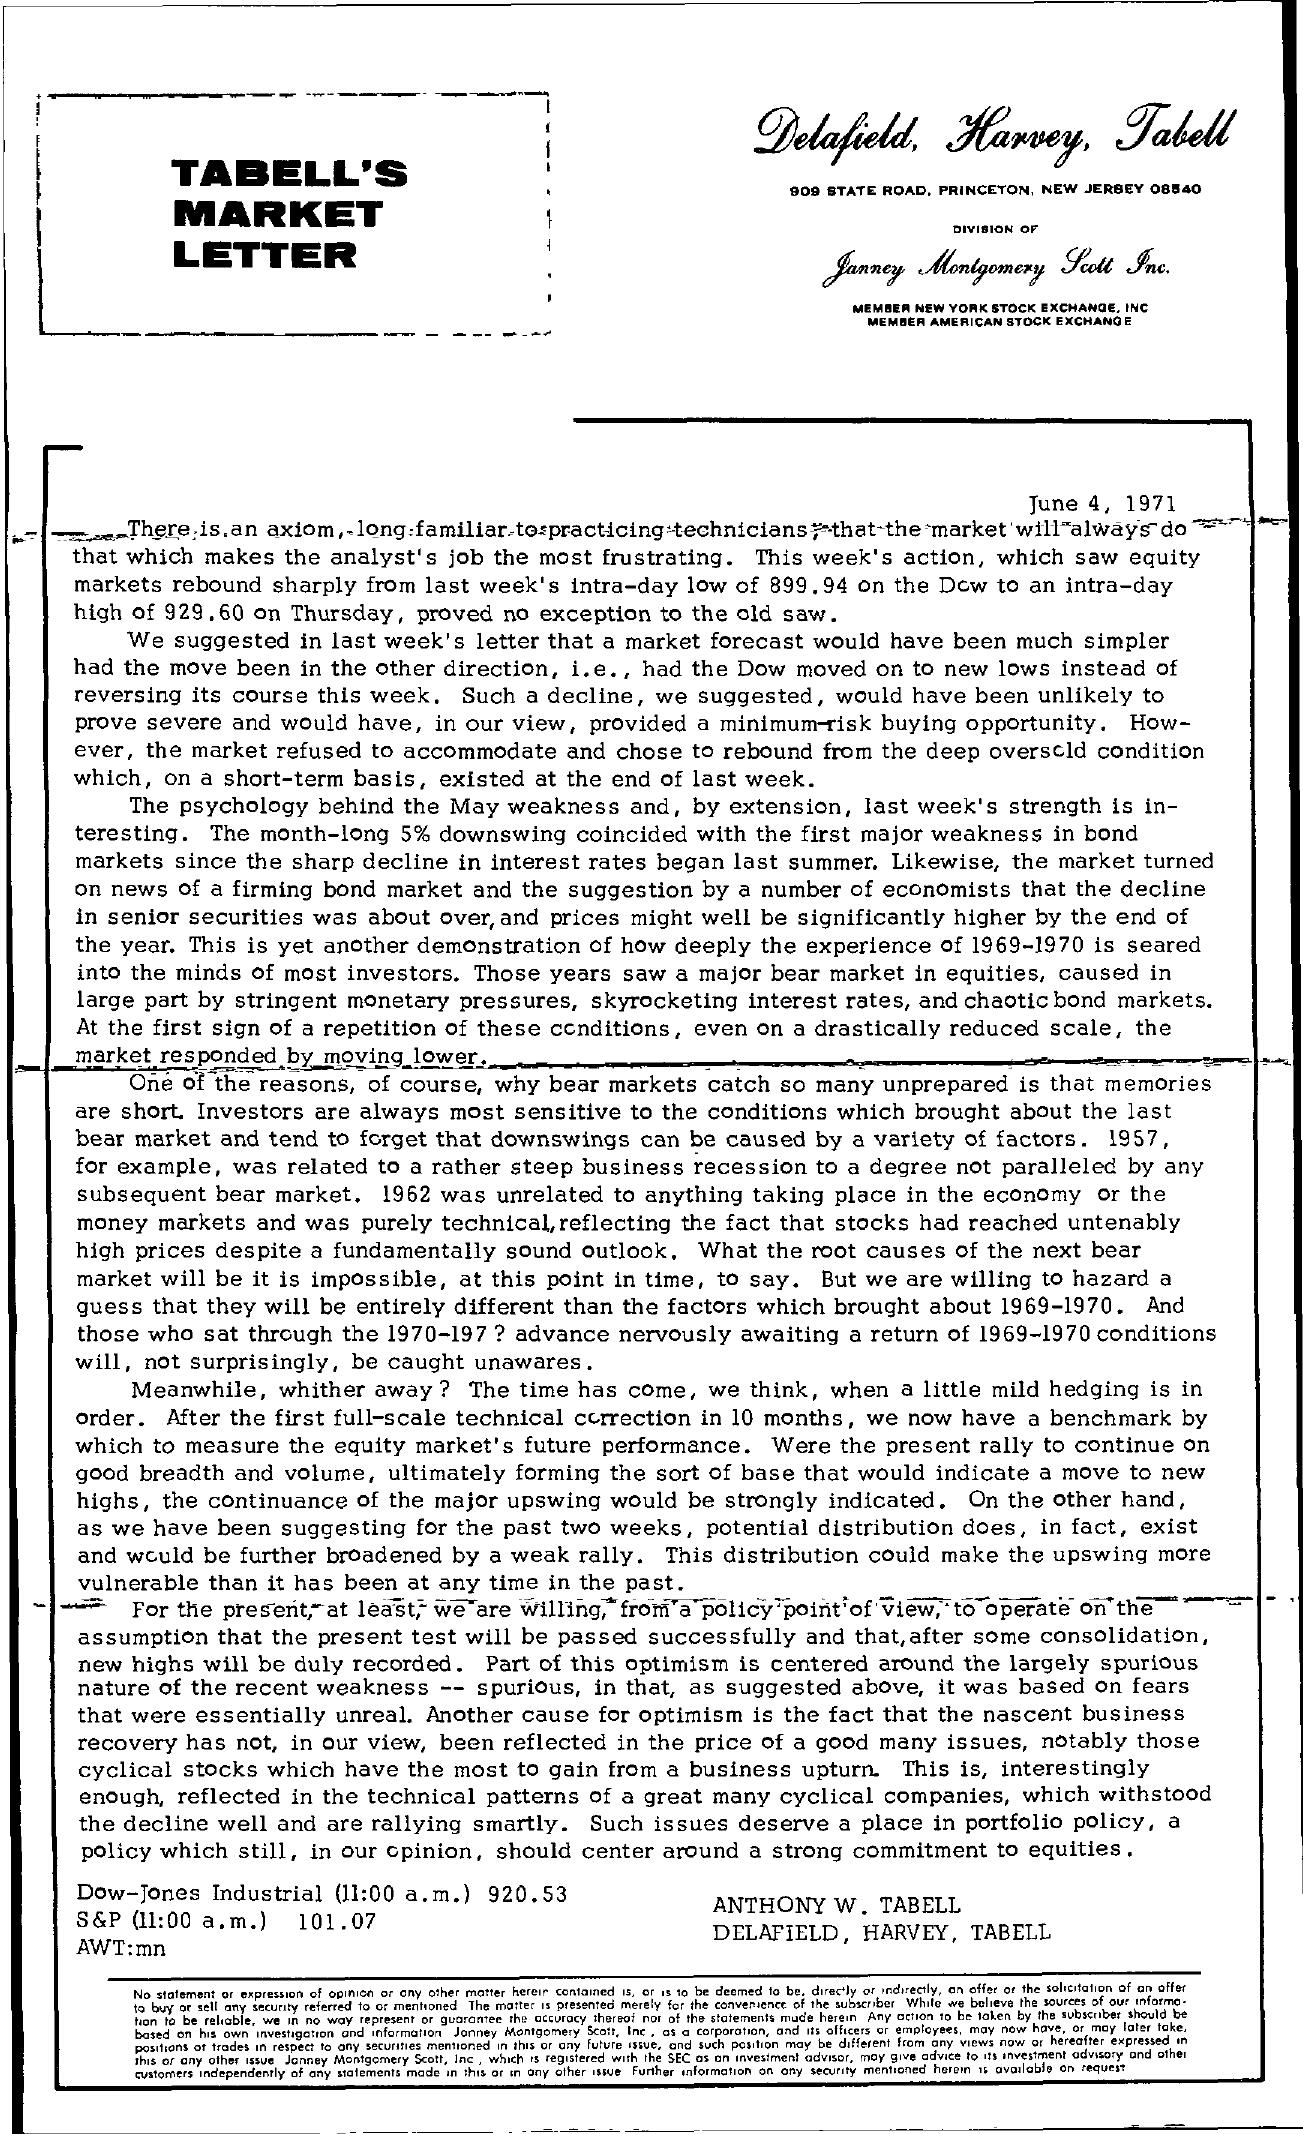 Tabell's Market Letter - June 04, 1971